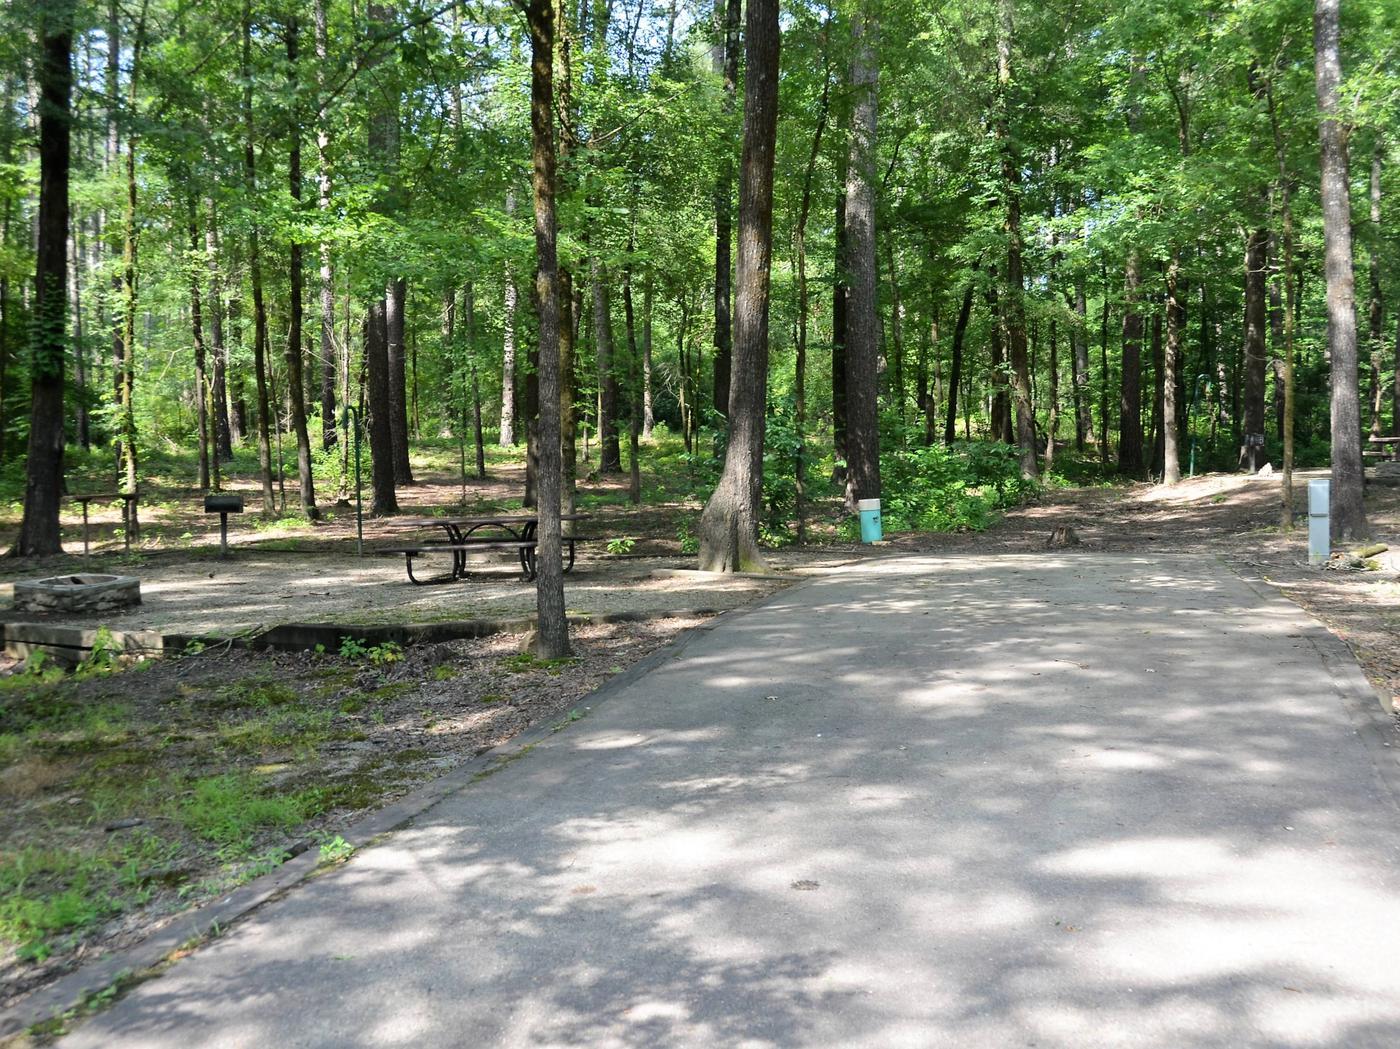 Gillham Lake Little Coon Creek Park Campsite # 3Campsite #3